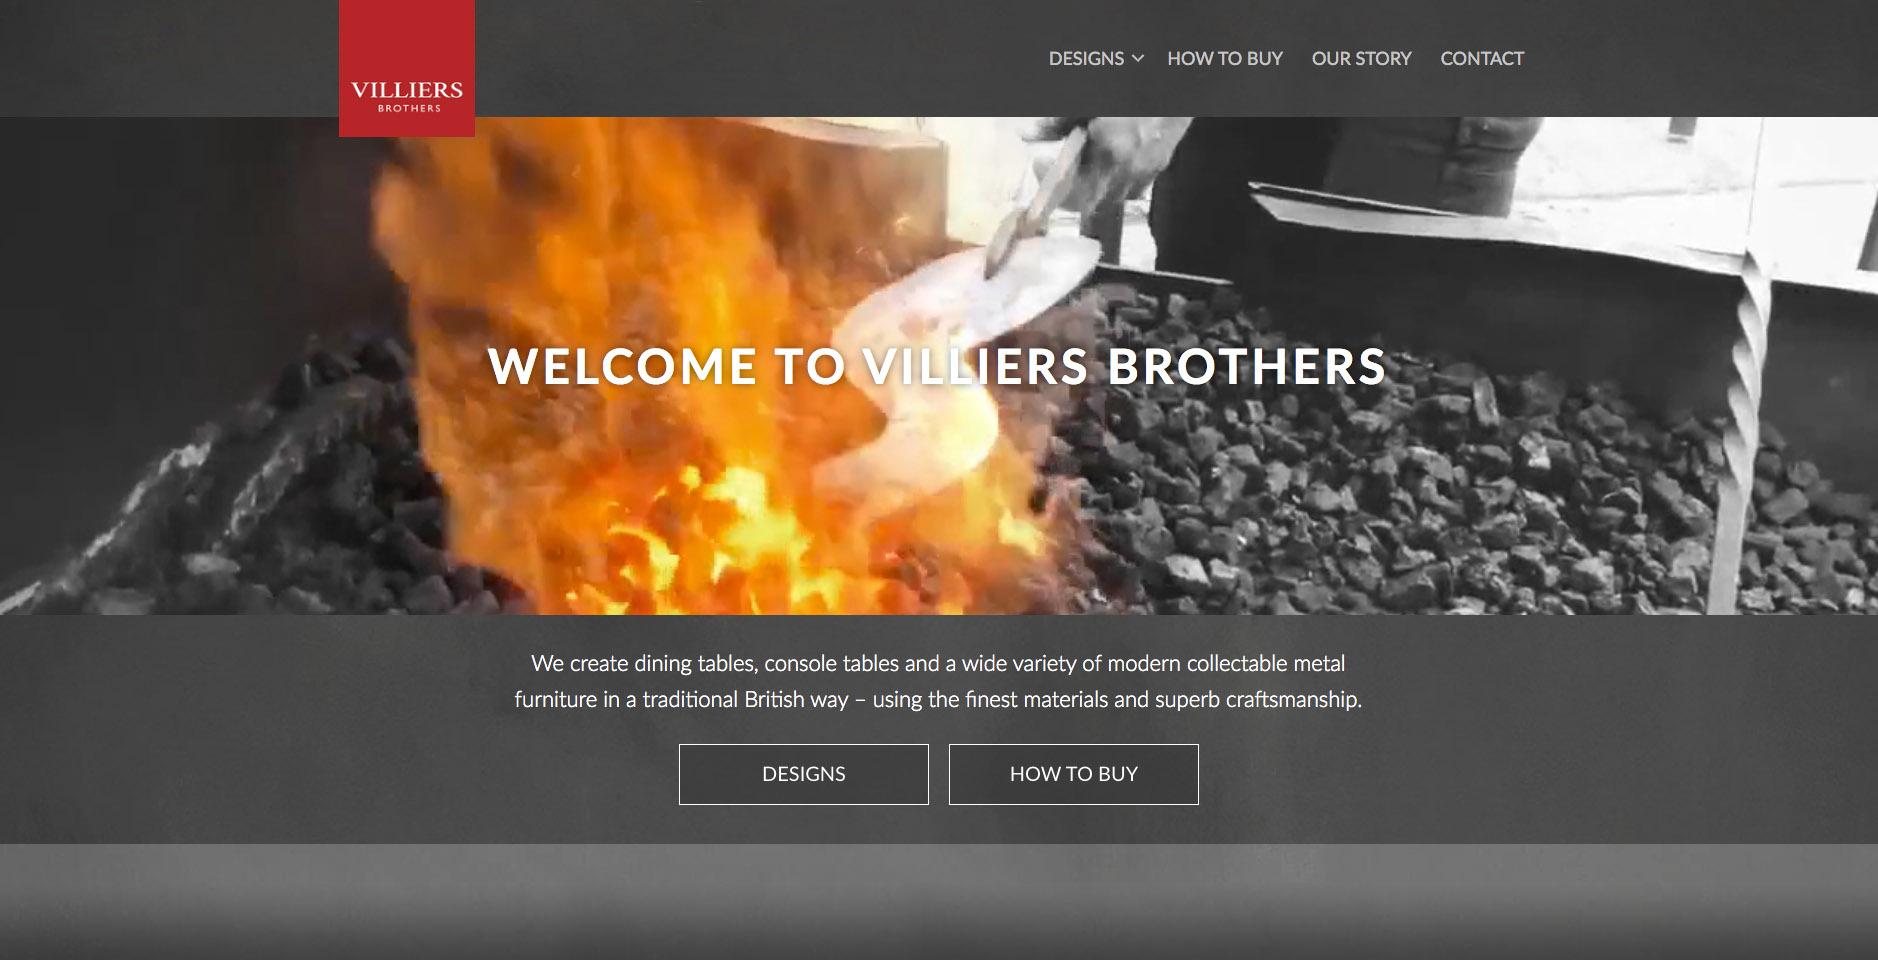 villiers_homepage_1